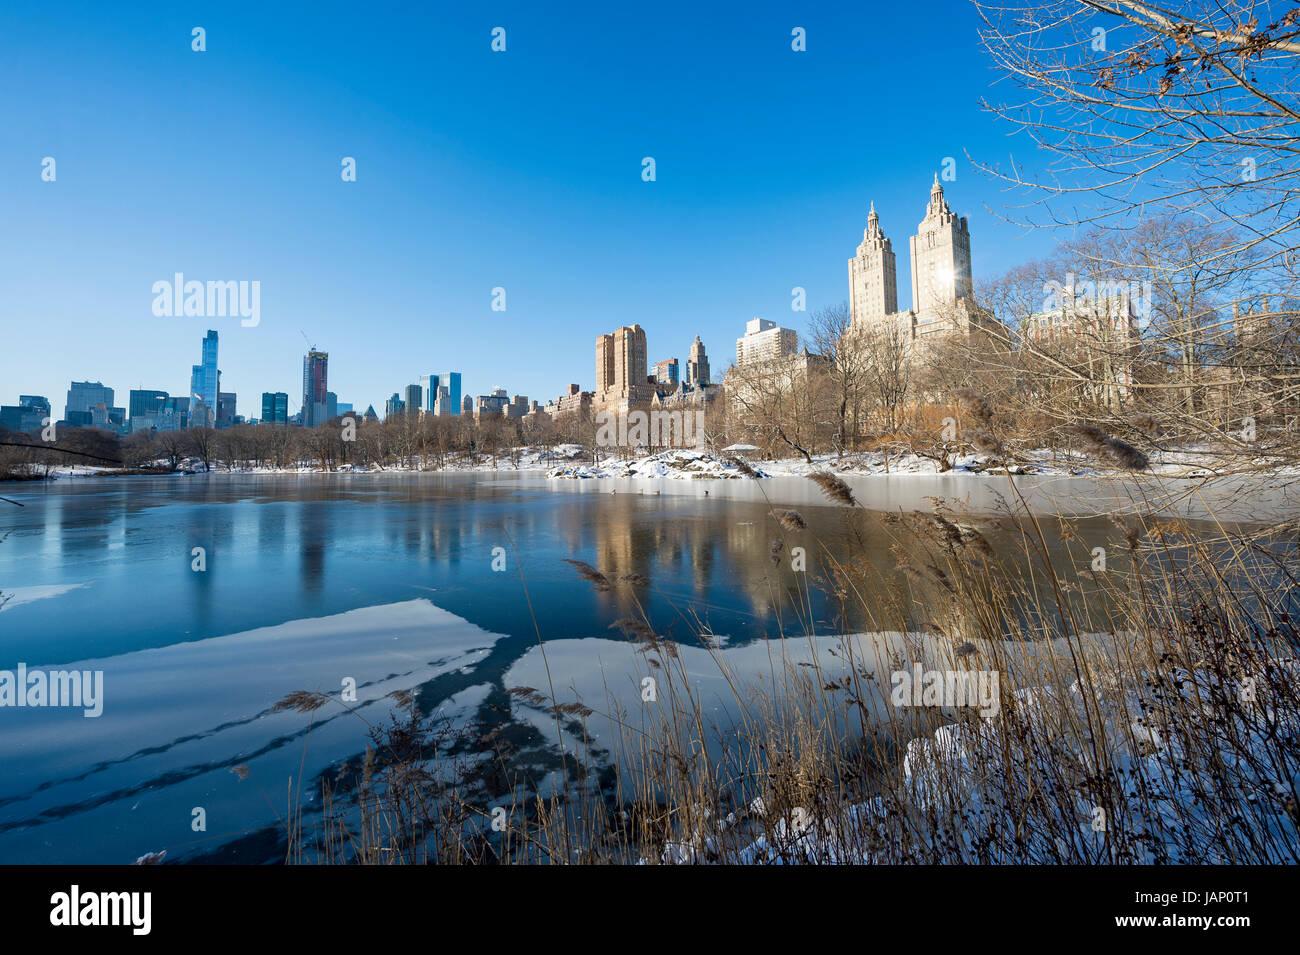 Vista panoramica della Upper West Side skyline riflettendo nel ghiaccio della congelata di Central Park Lake dopo Immagini Stock